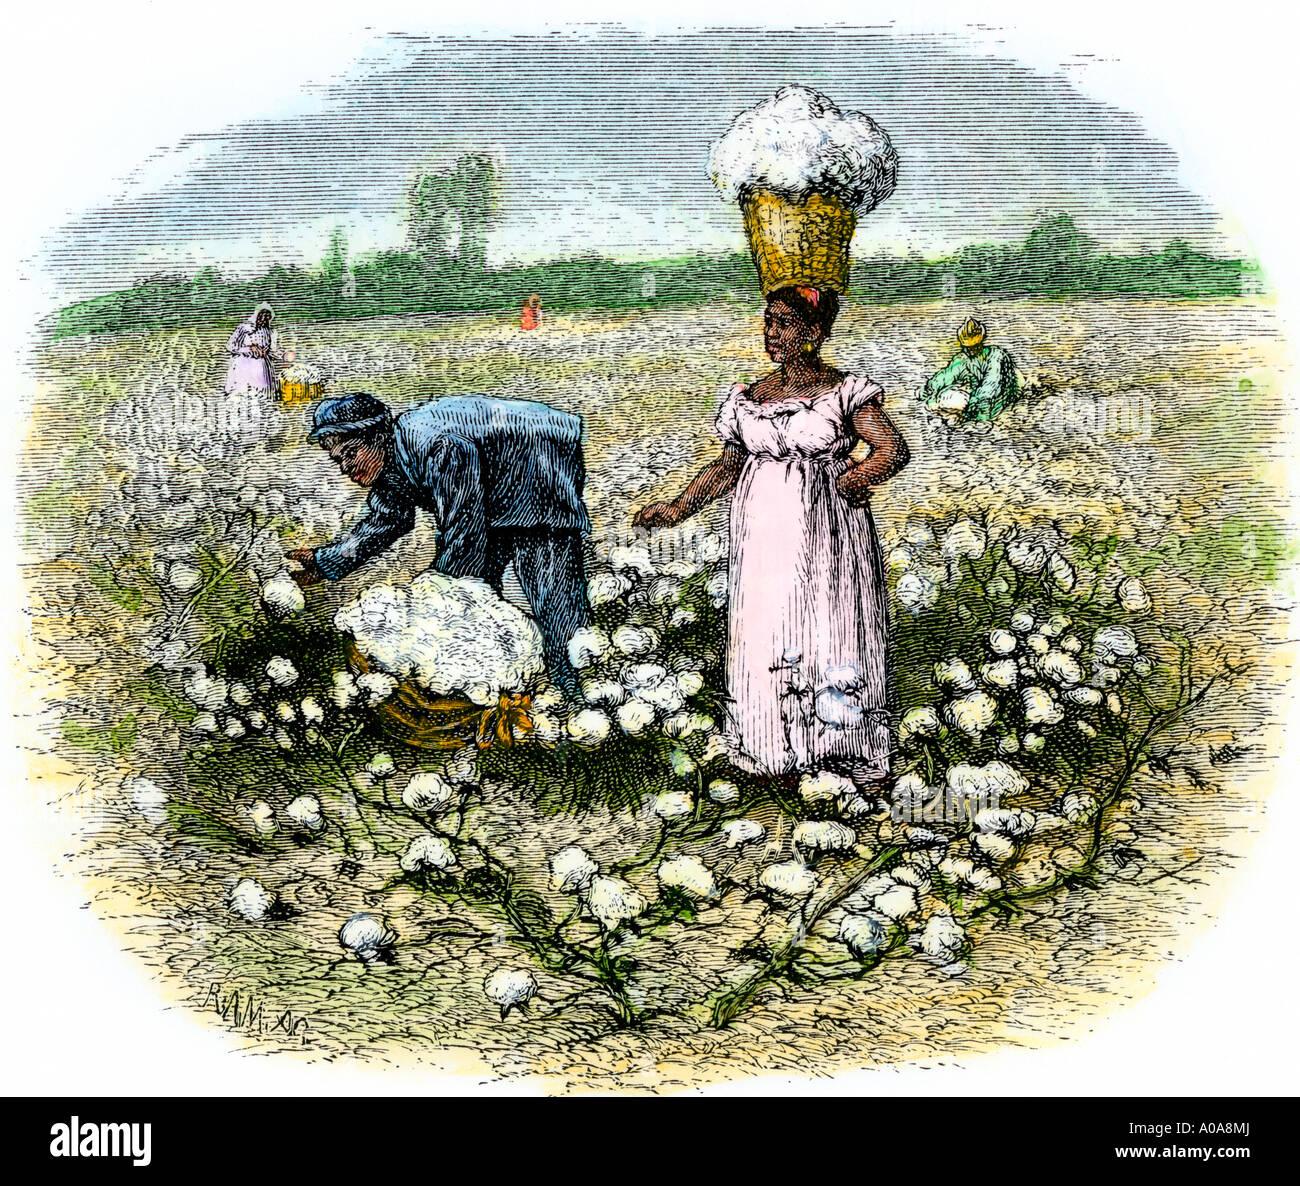 Les esclaves afro-américains dans une plantation de coton cueillette dans le Sud des années 1800. À la main, gravure sur bois Photo Stock